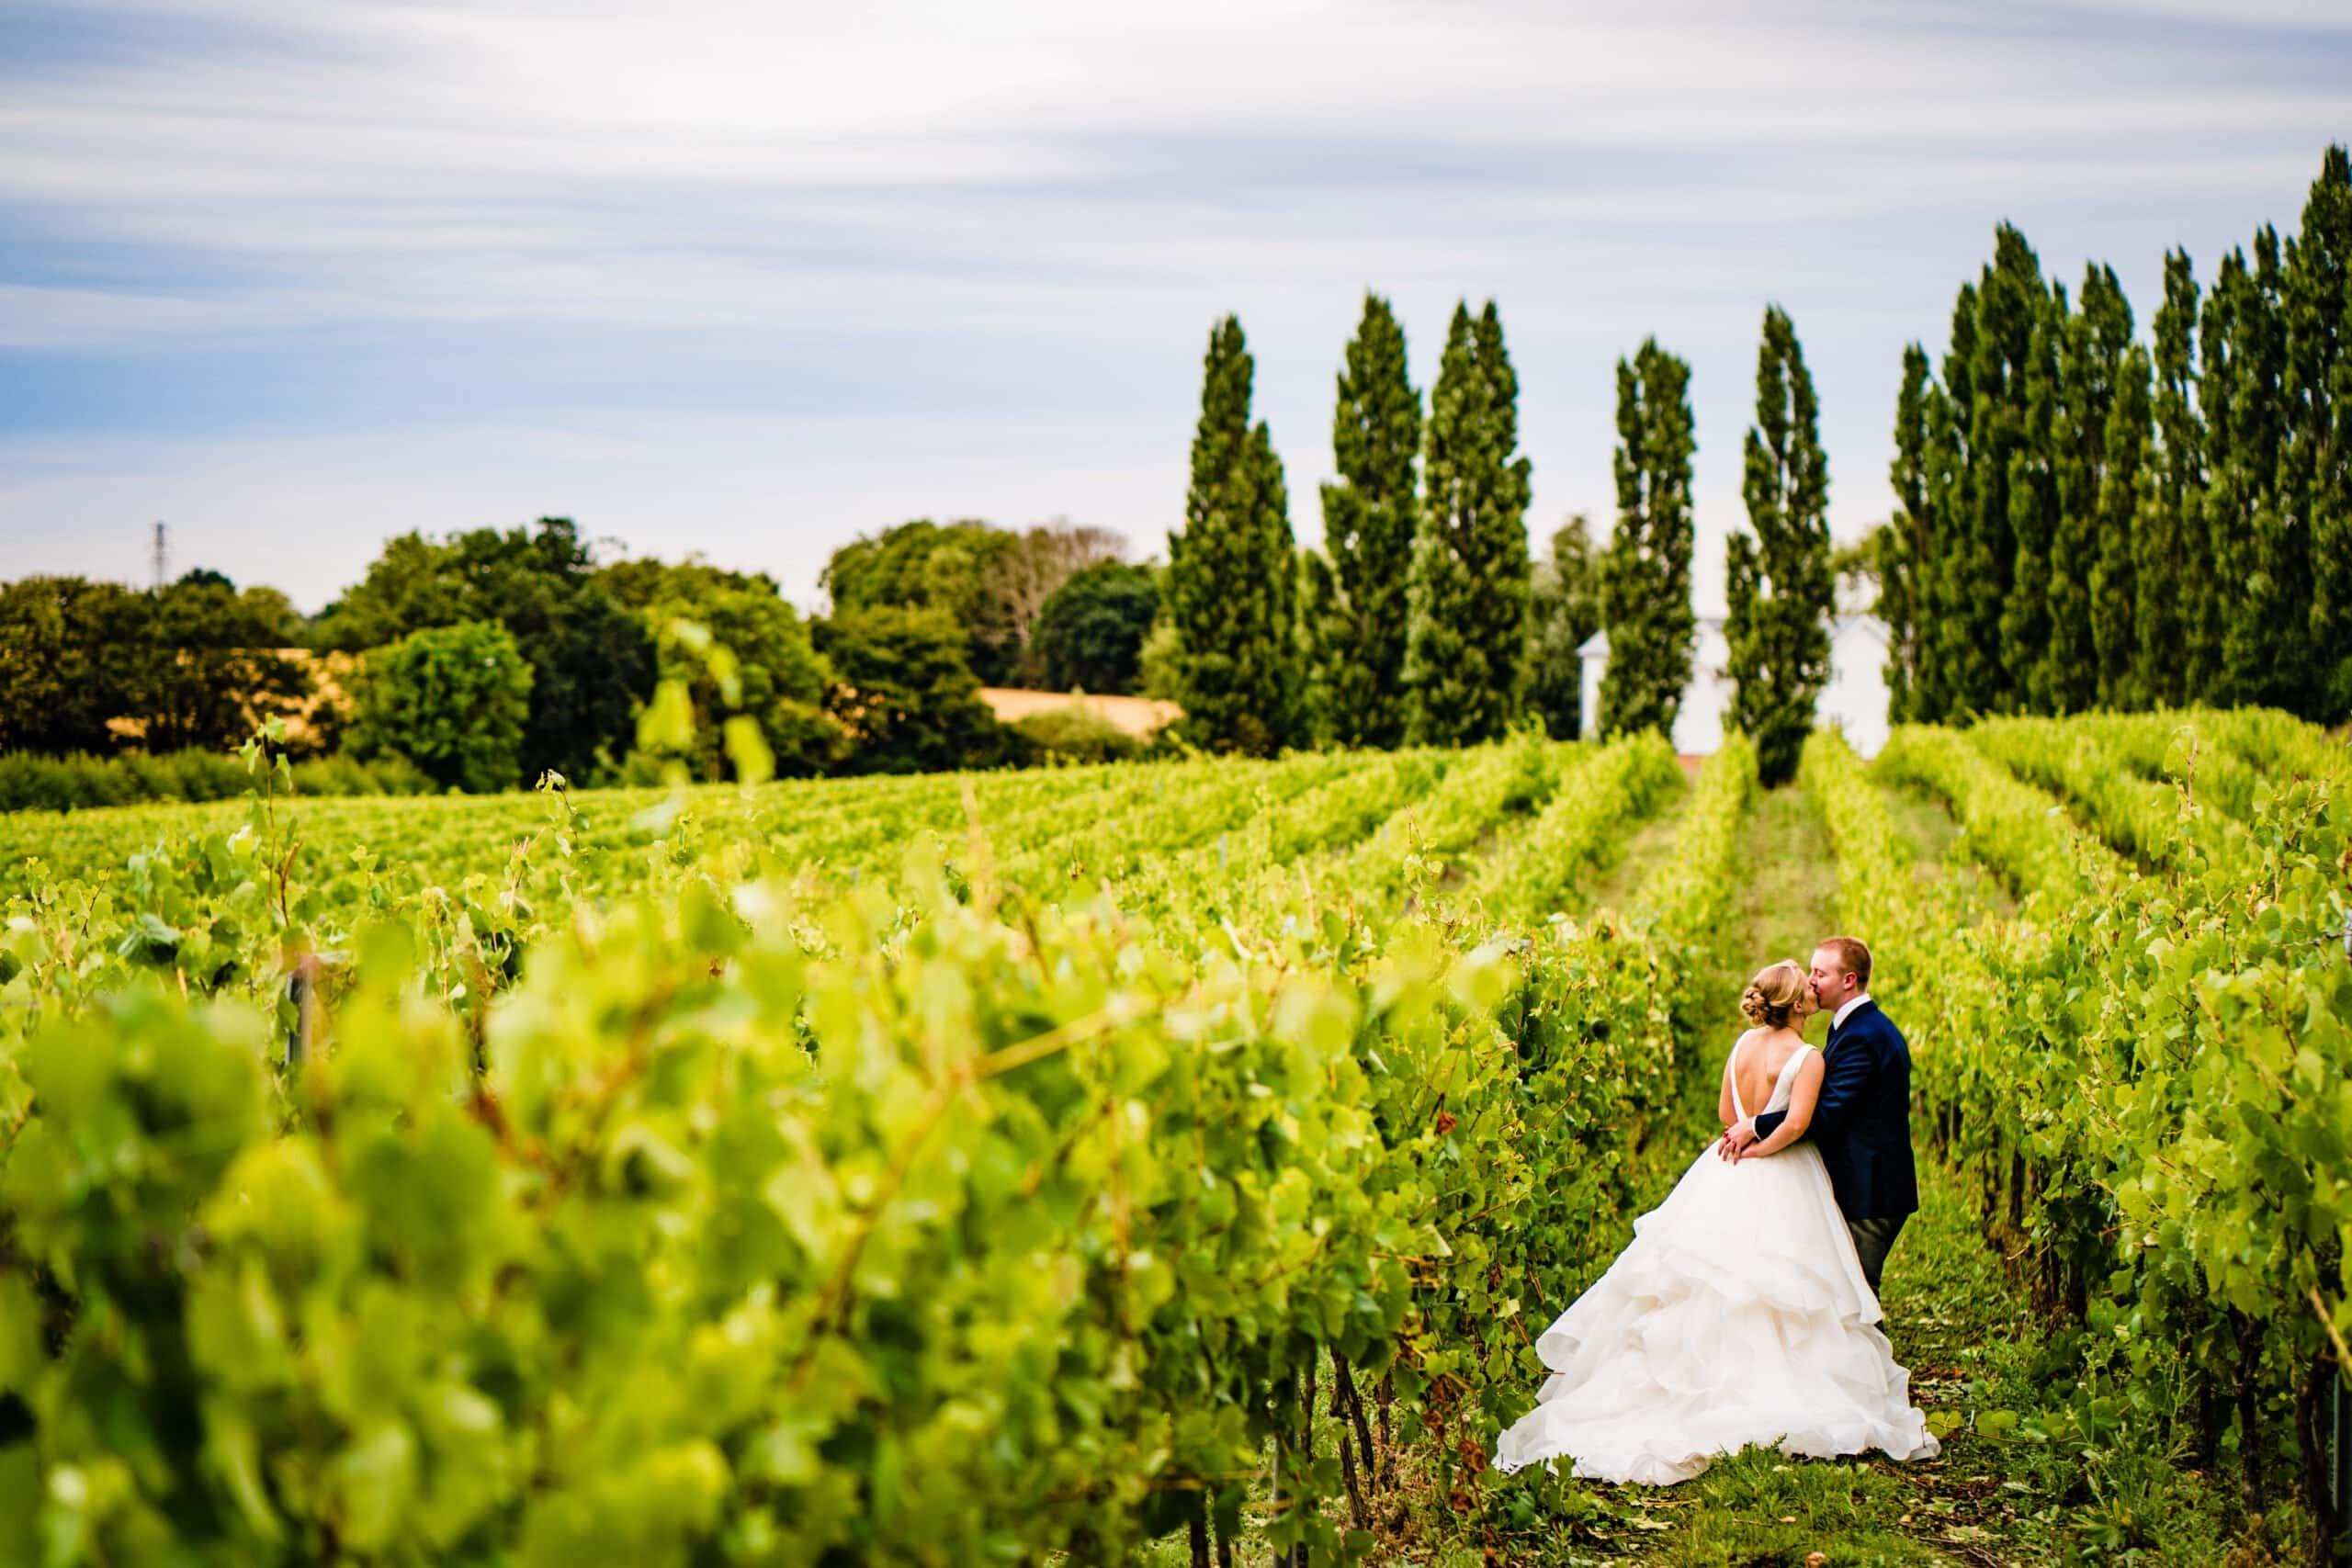 Bride and groom in vineyard at Baddow Park